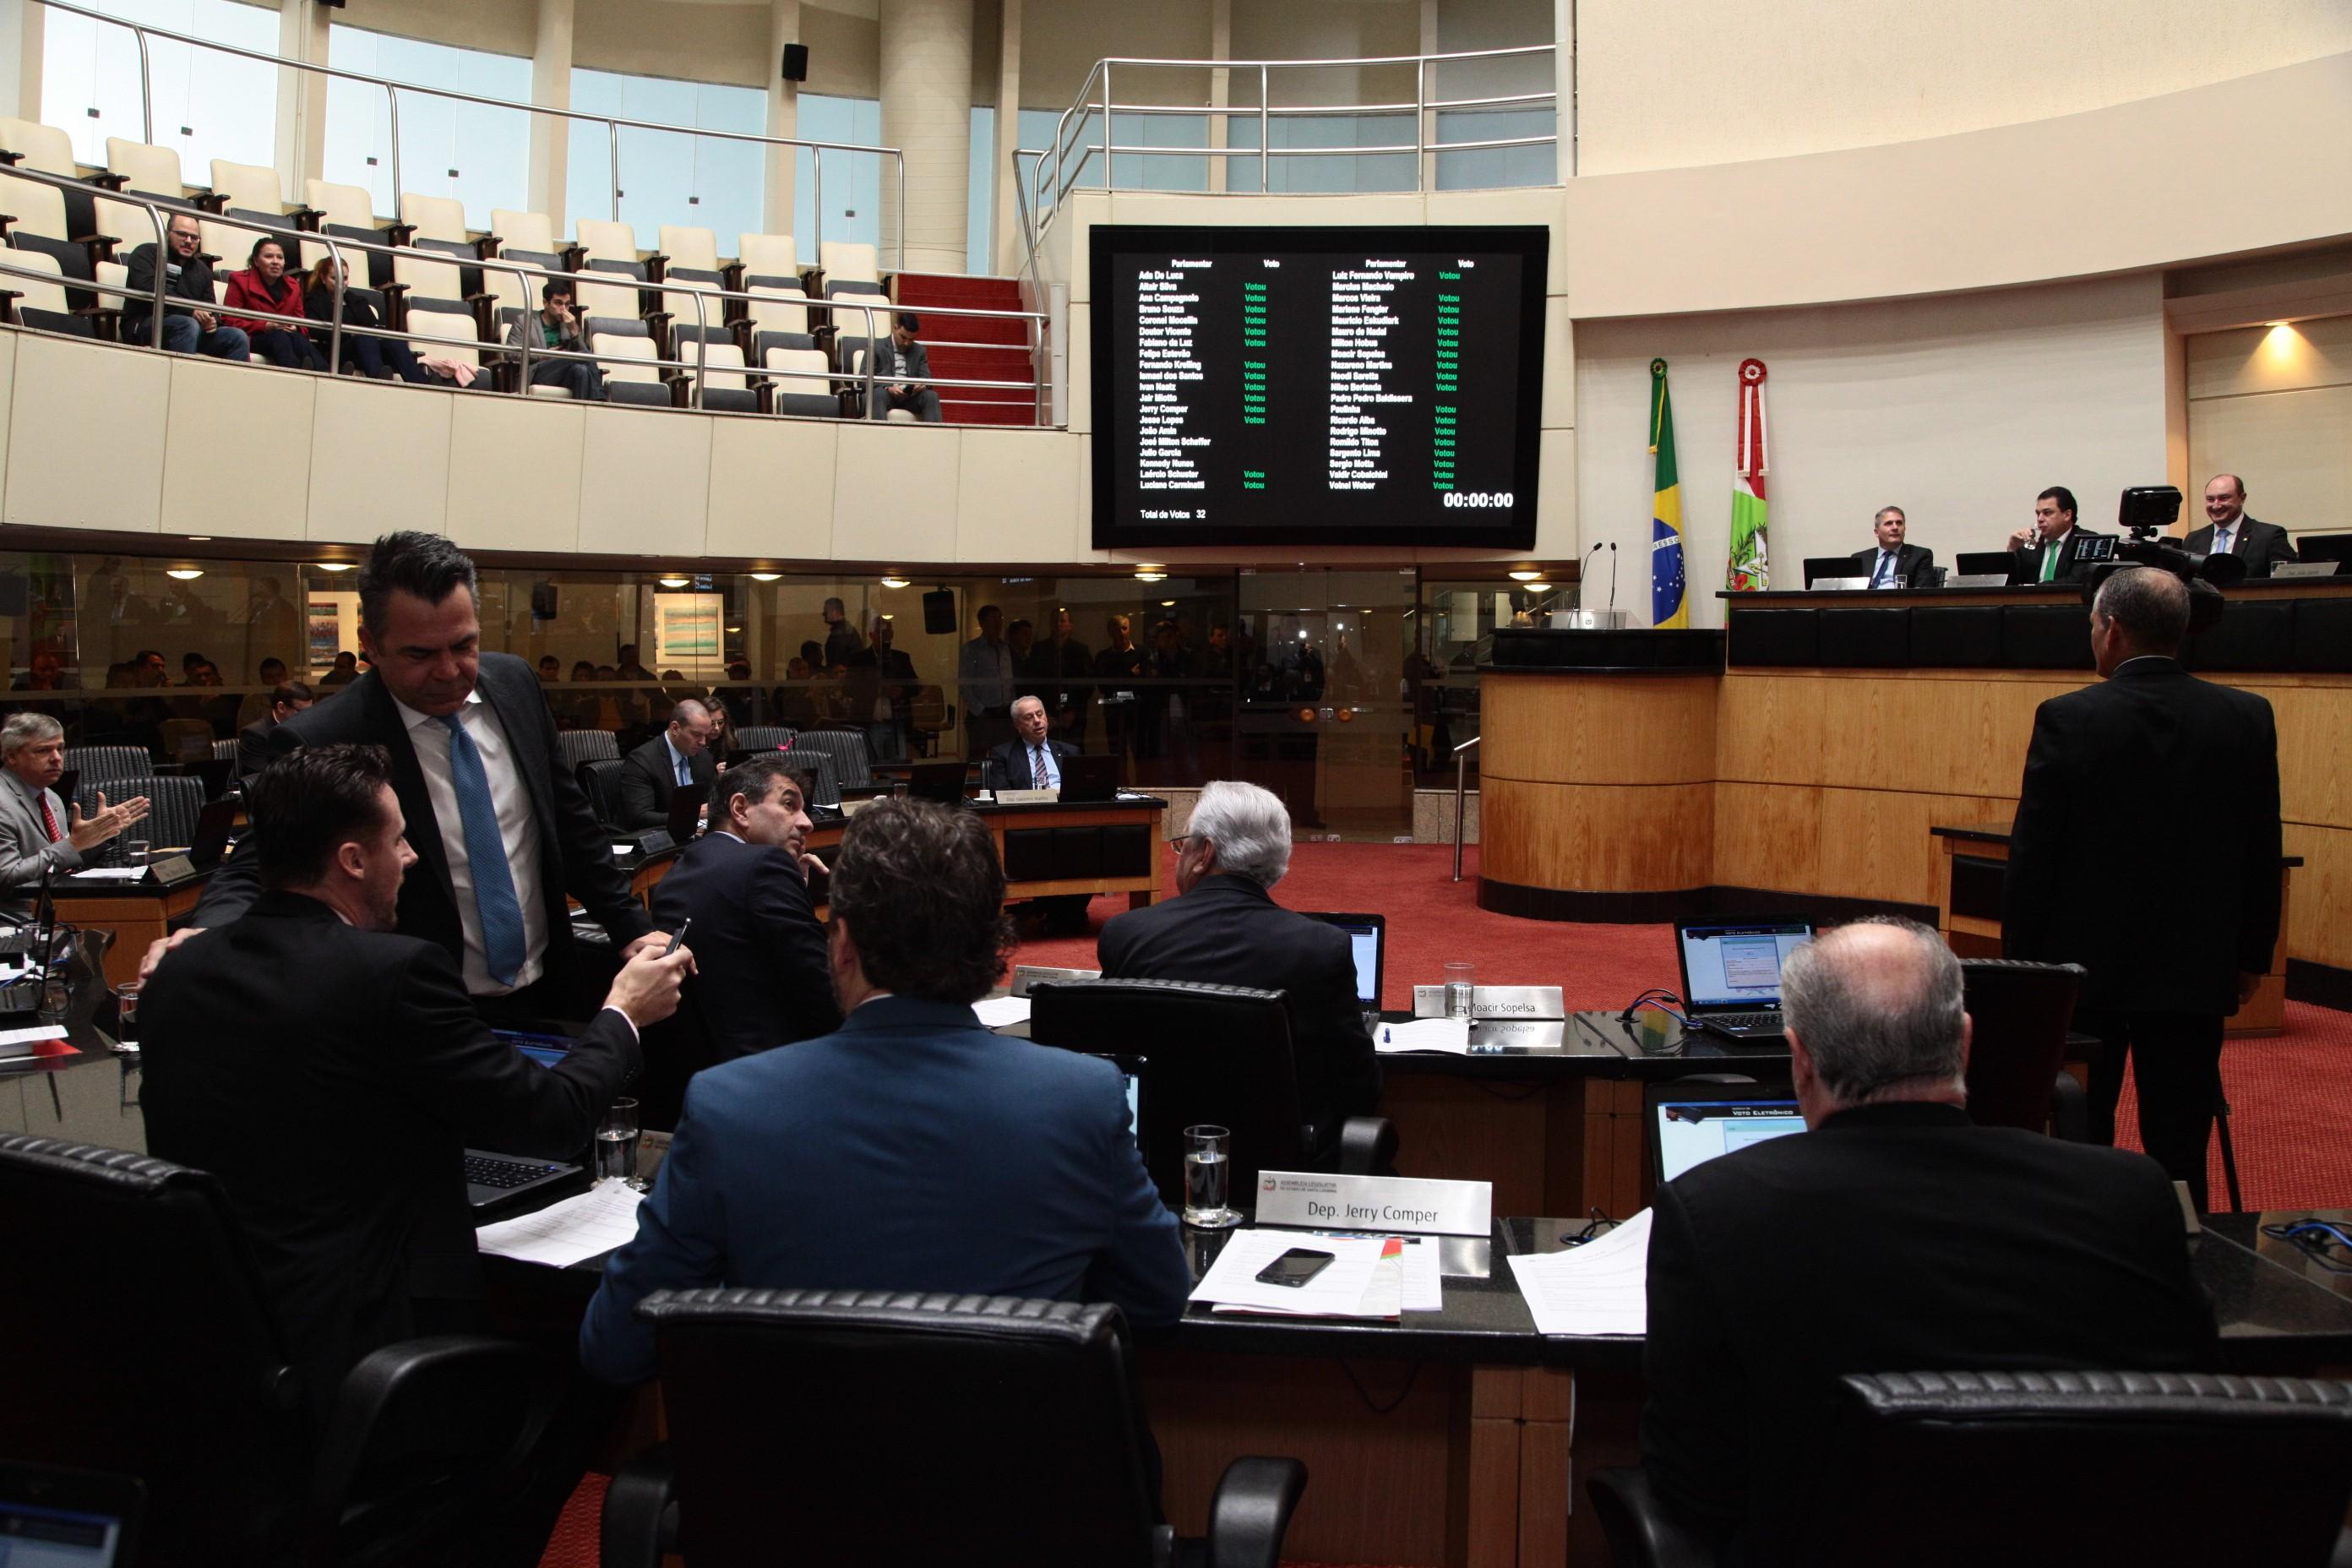 Alesc aprova 3 projetos de lei sobre benefícios fiscais - Notícias - Plantão Diário